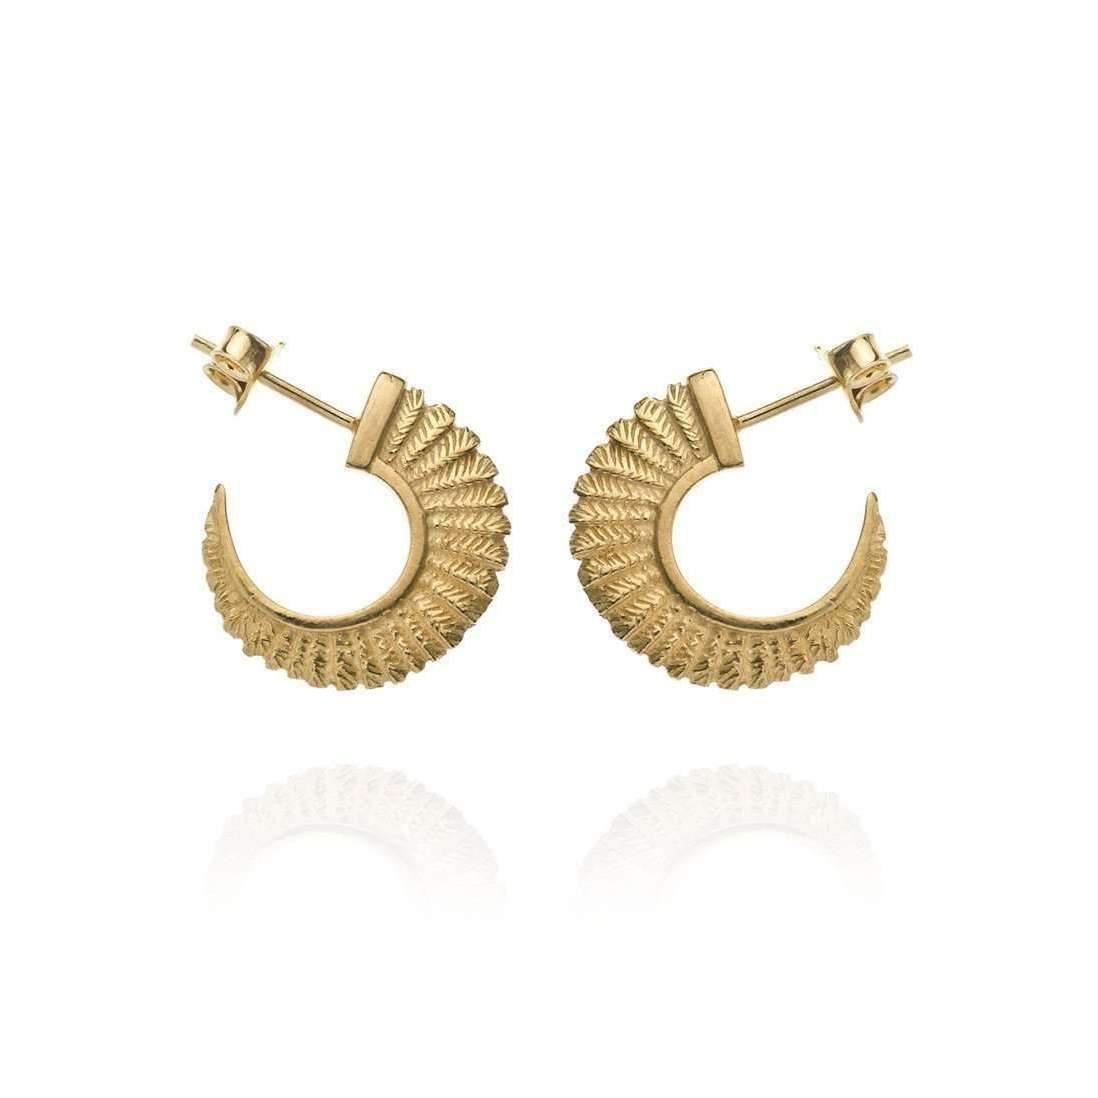 Patience Jewellery Fern Stud Earrings S8uN7cmmj